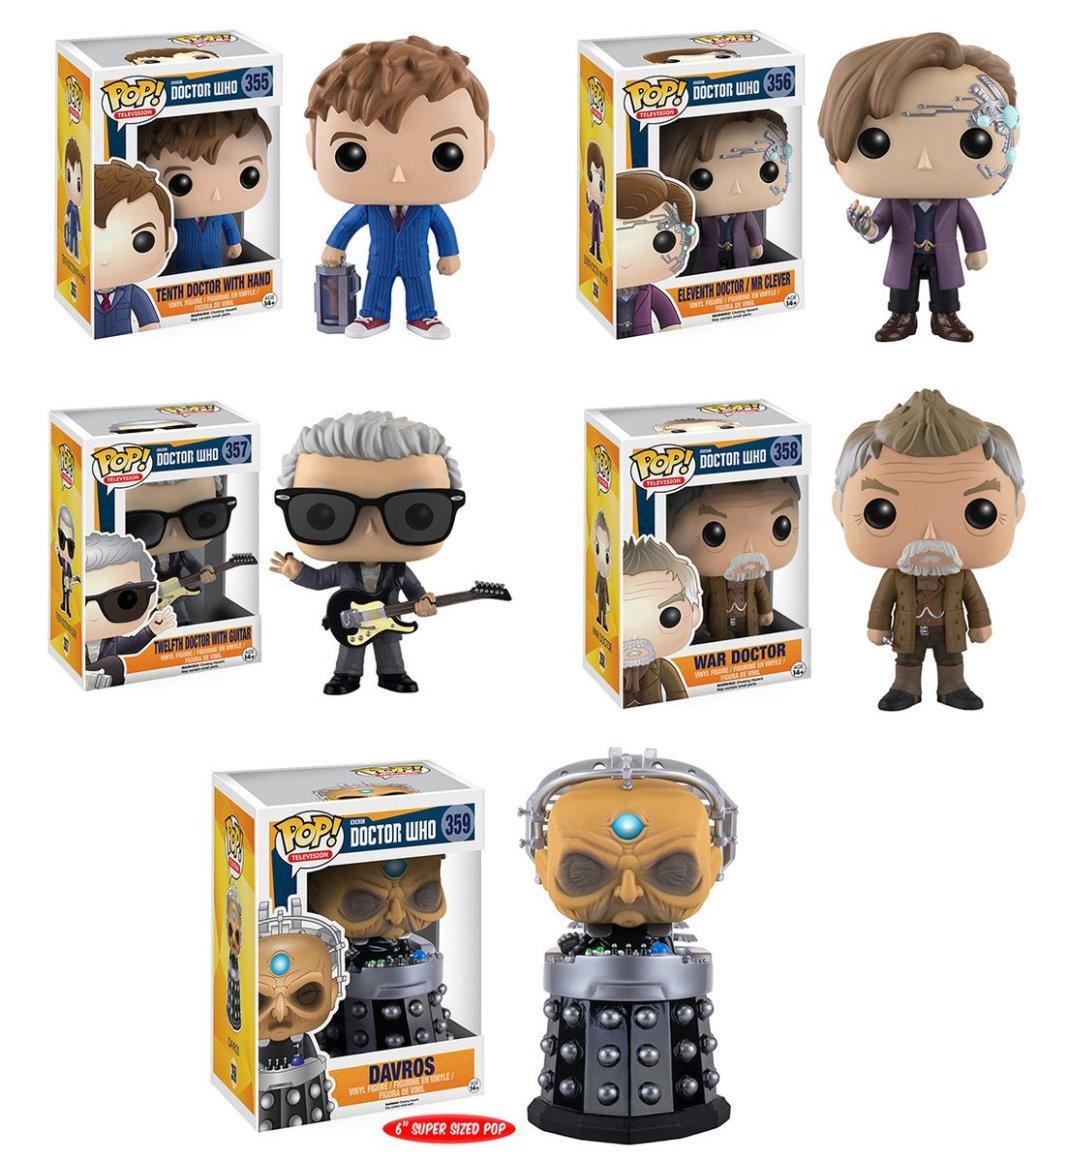 Funko Doctor Who POP! vinyl figures.